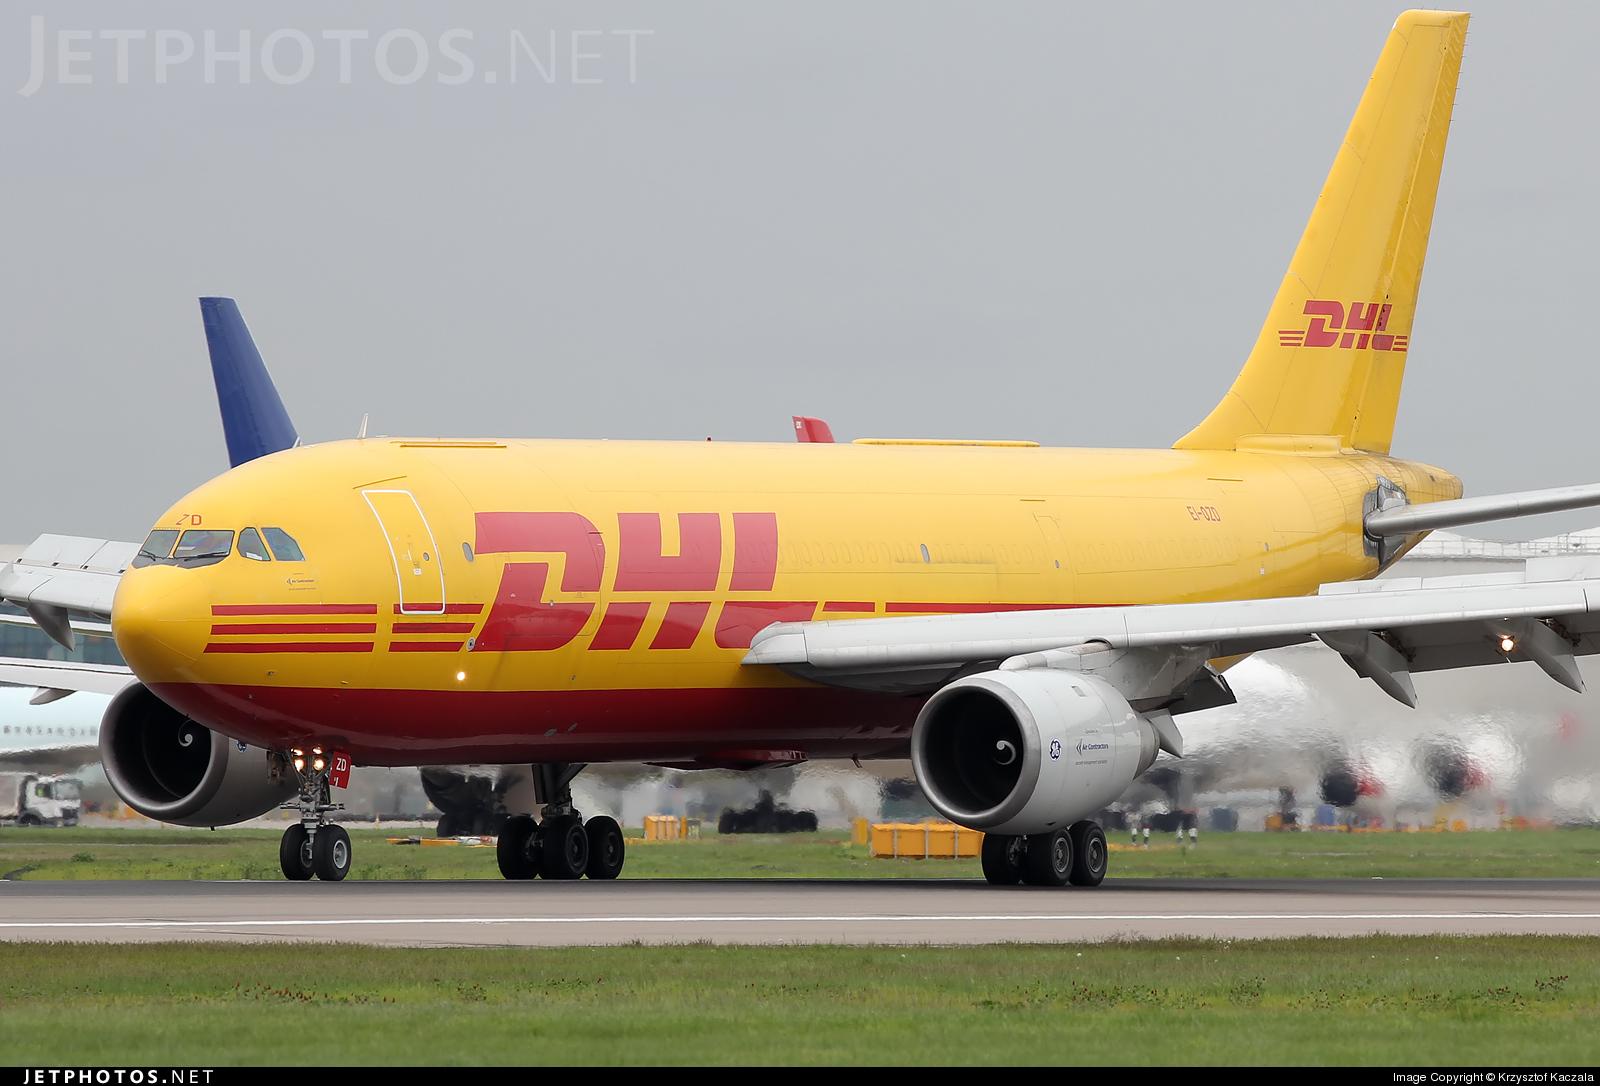 Photo of EI-OZD Airbus A300B4-203(F) by Krzysztof Kaczala